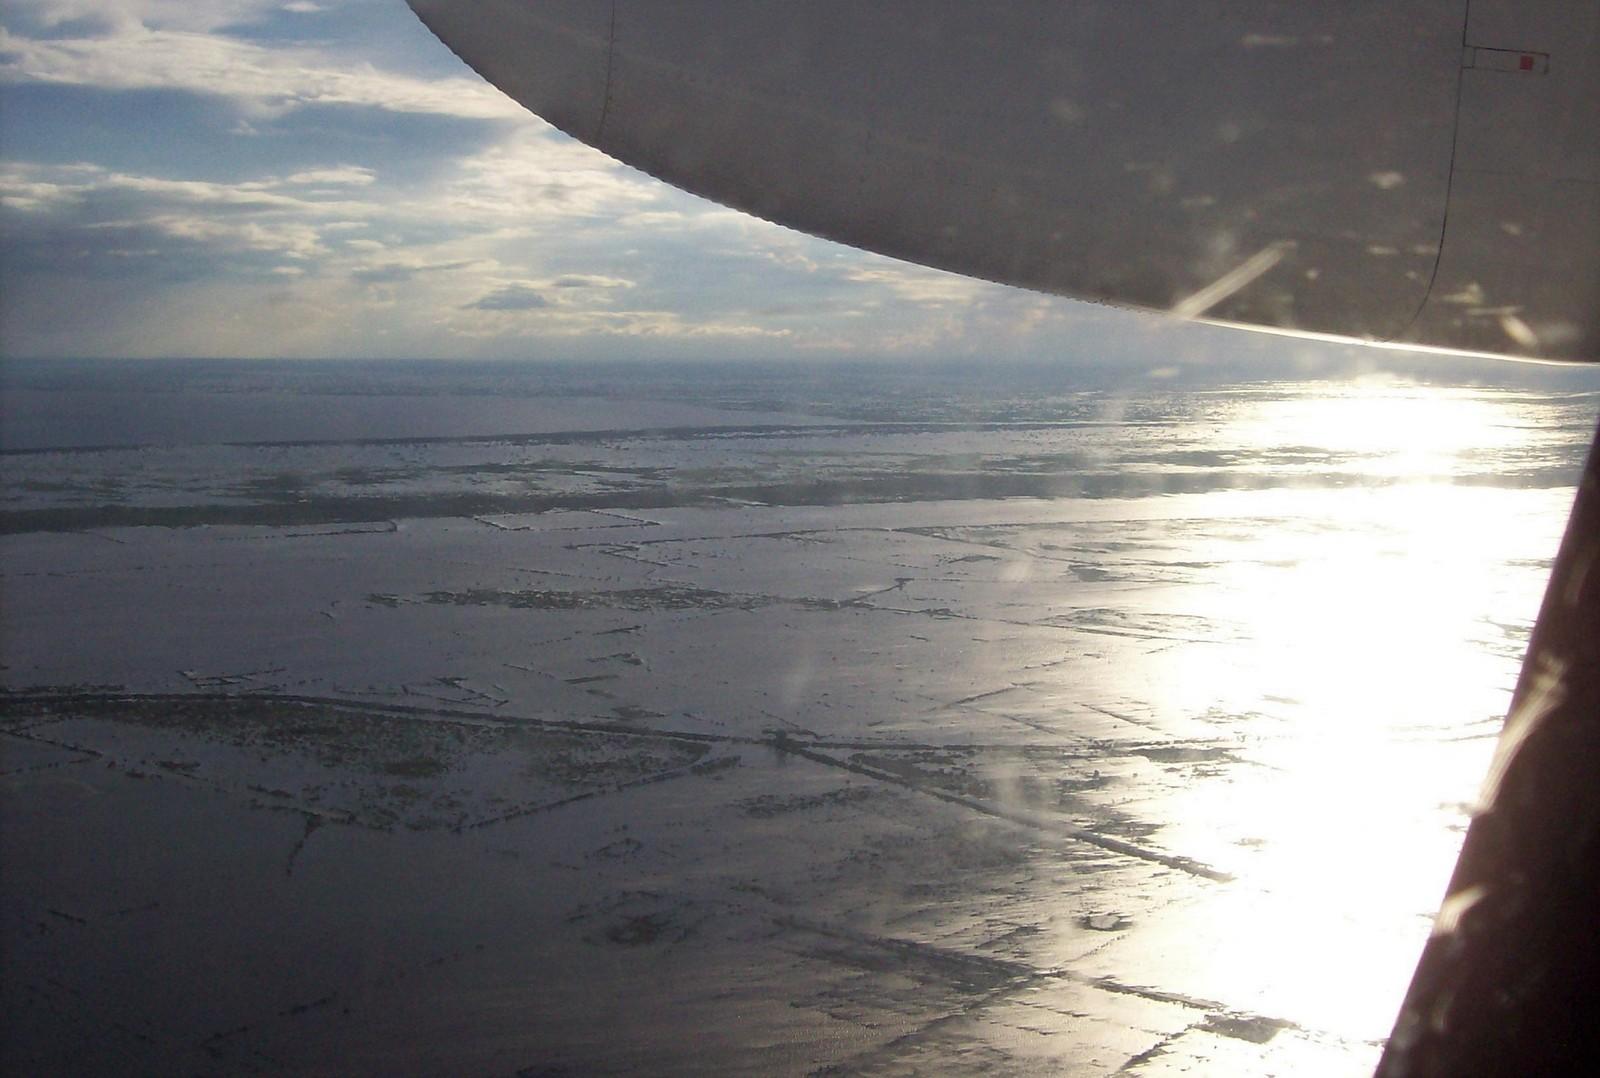 Flug der Lao Airlines über dem Tonle Sap See in Kambodscha